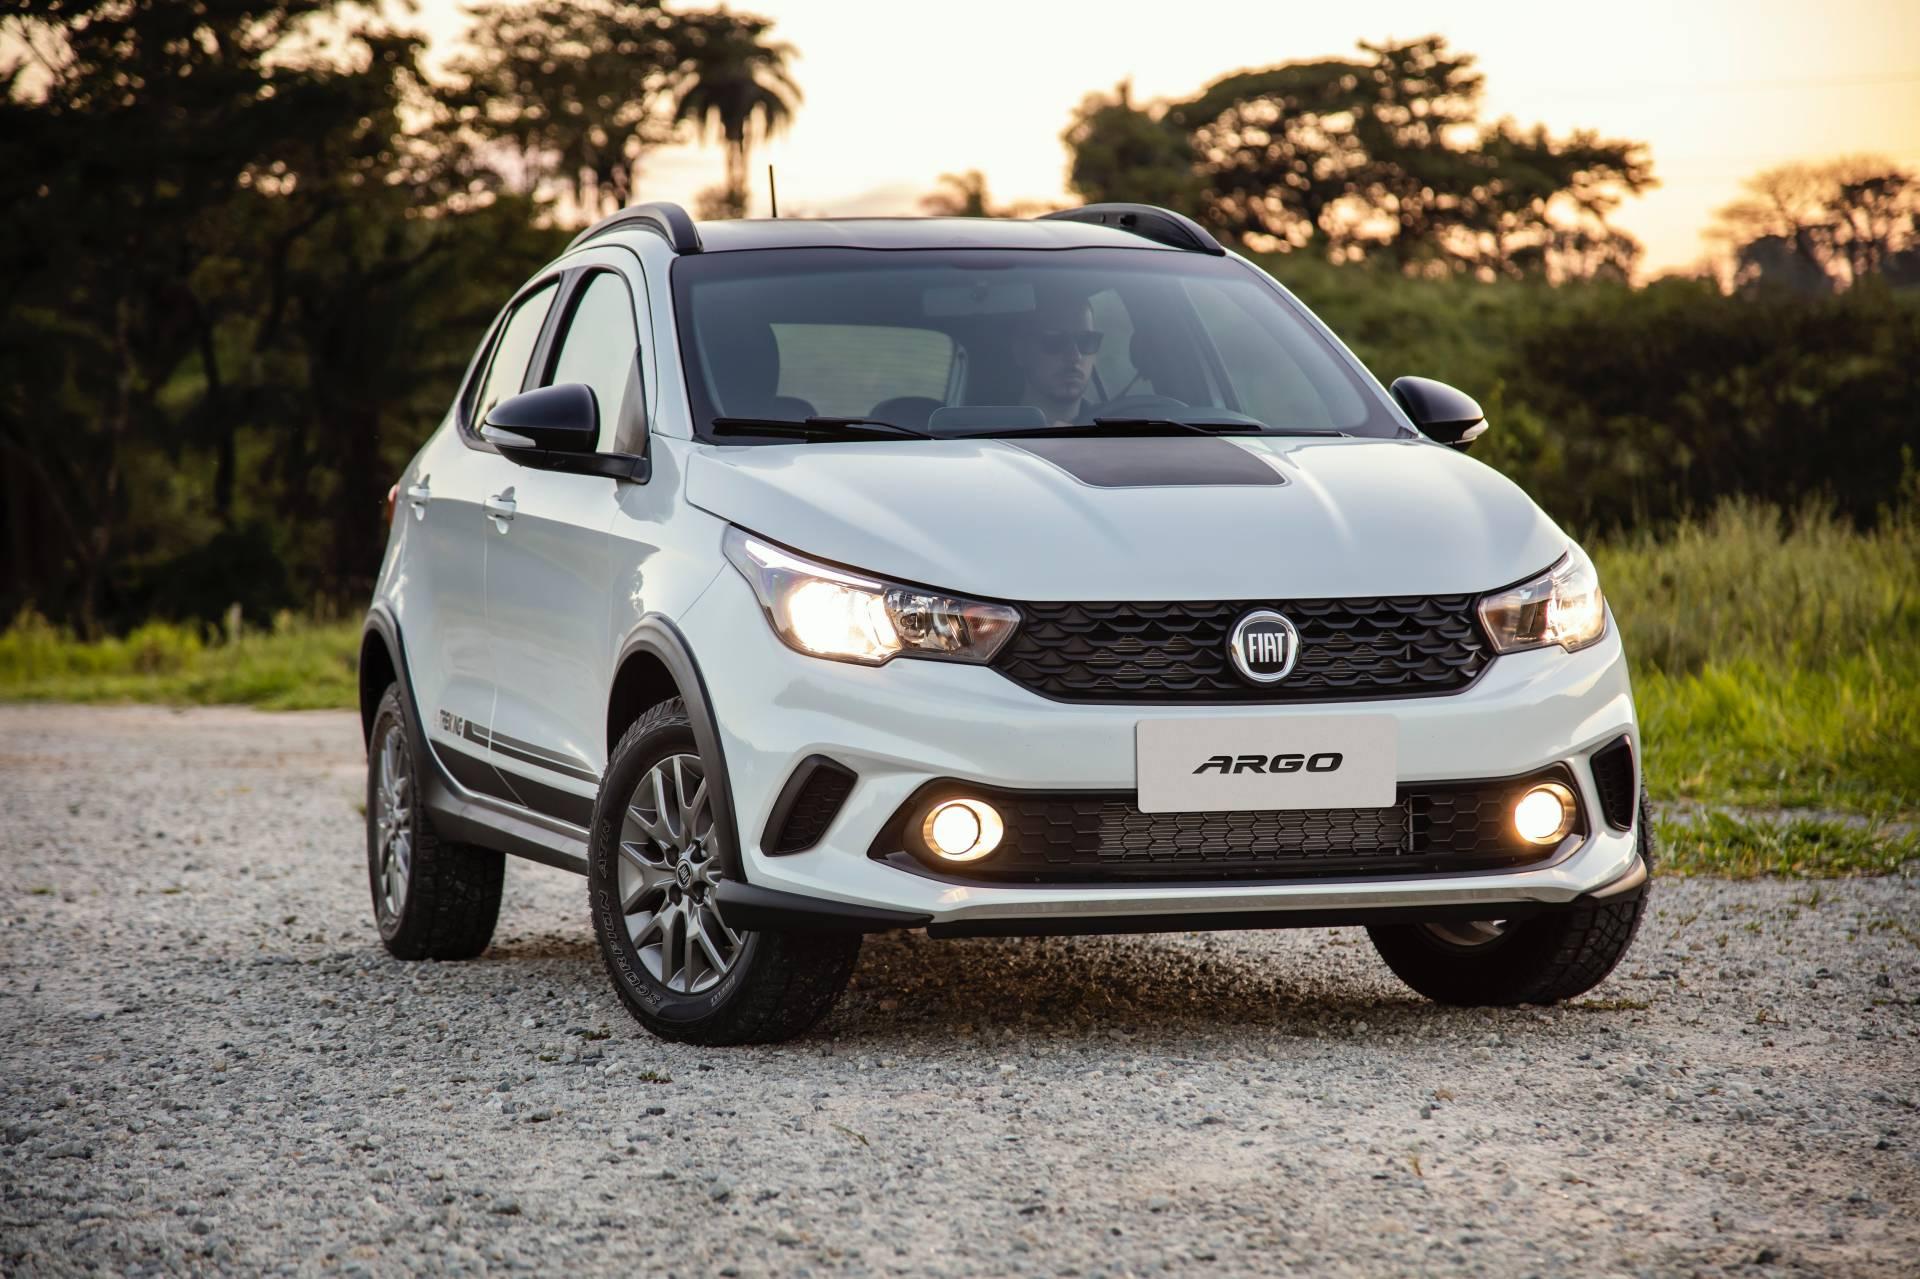 Fiat-Argo-Trekking-12